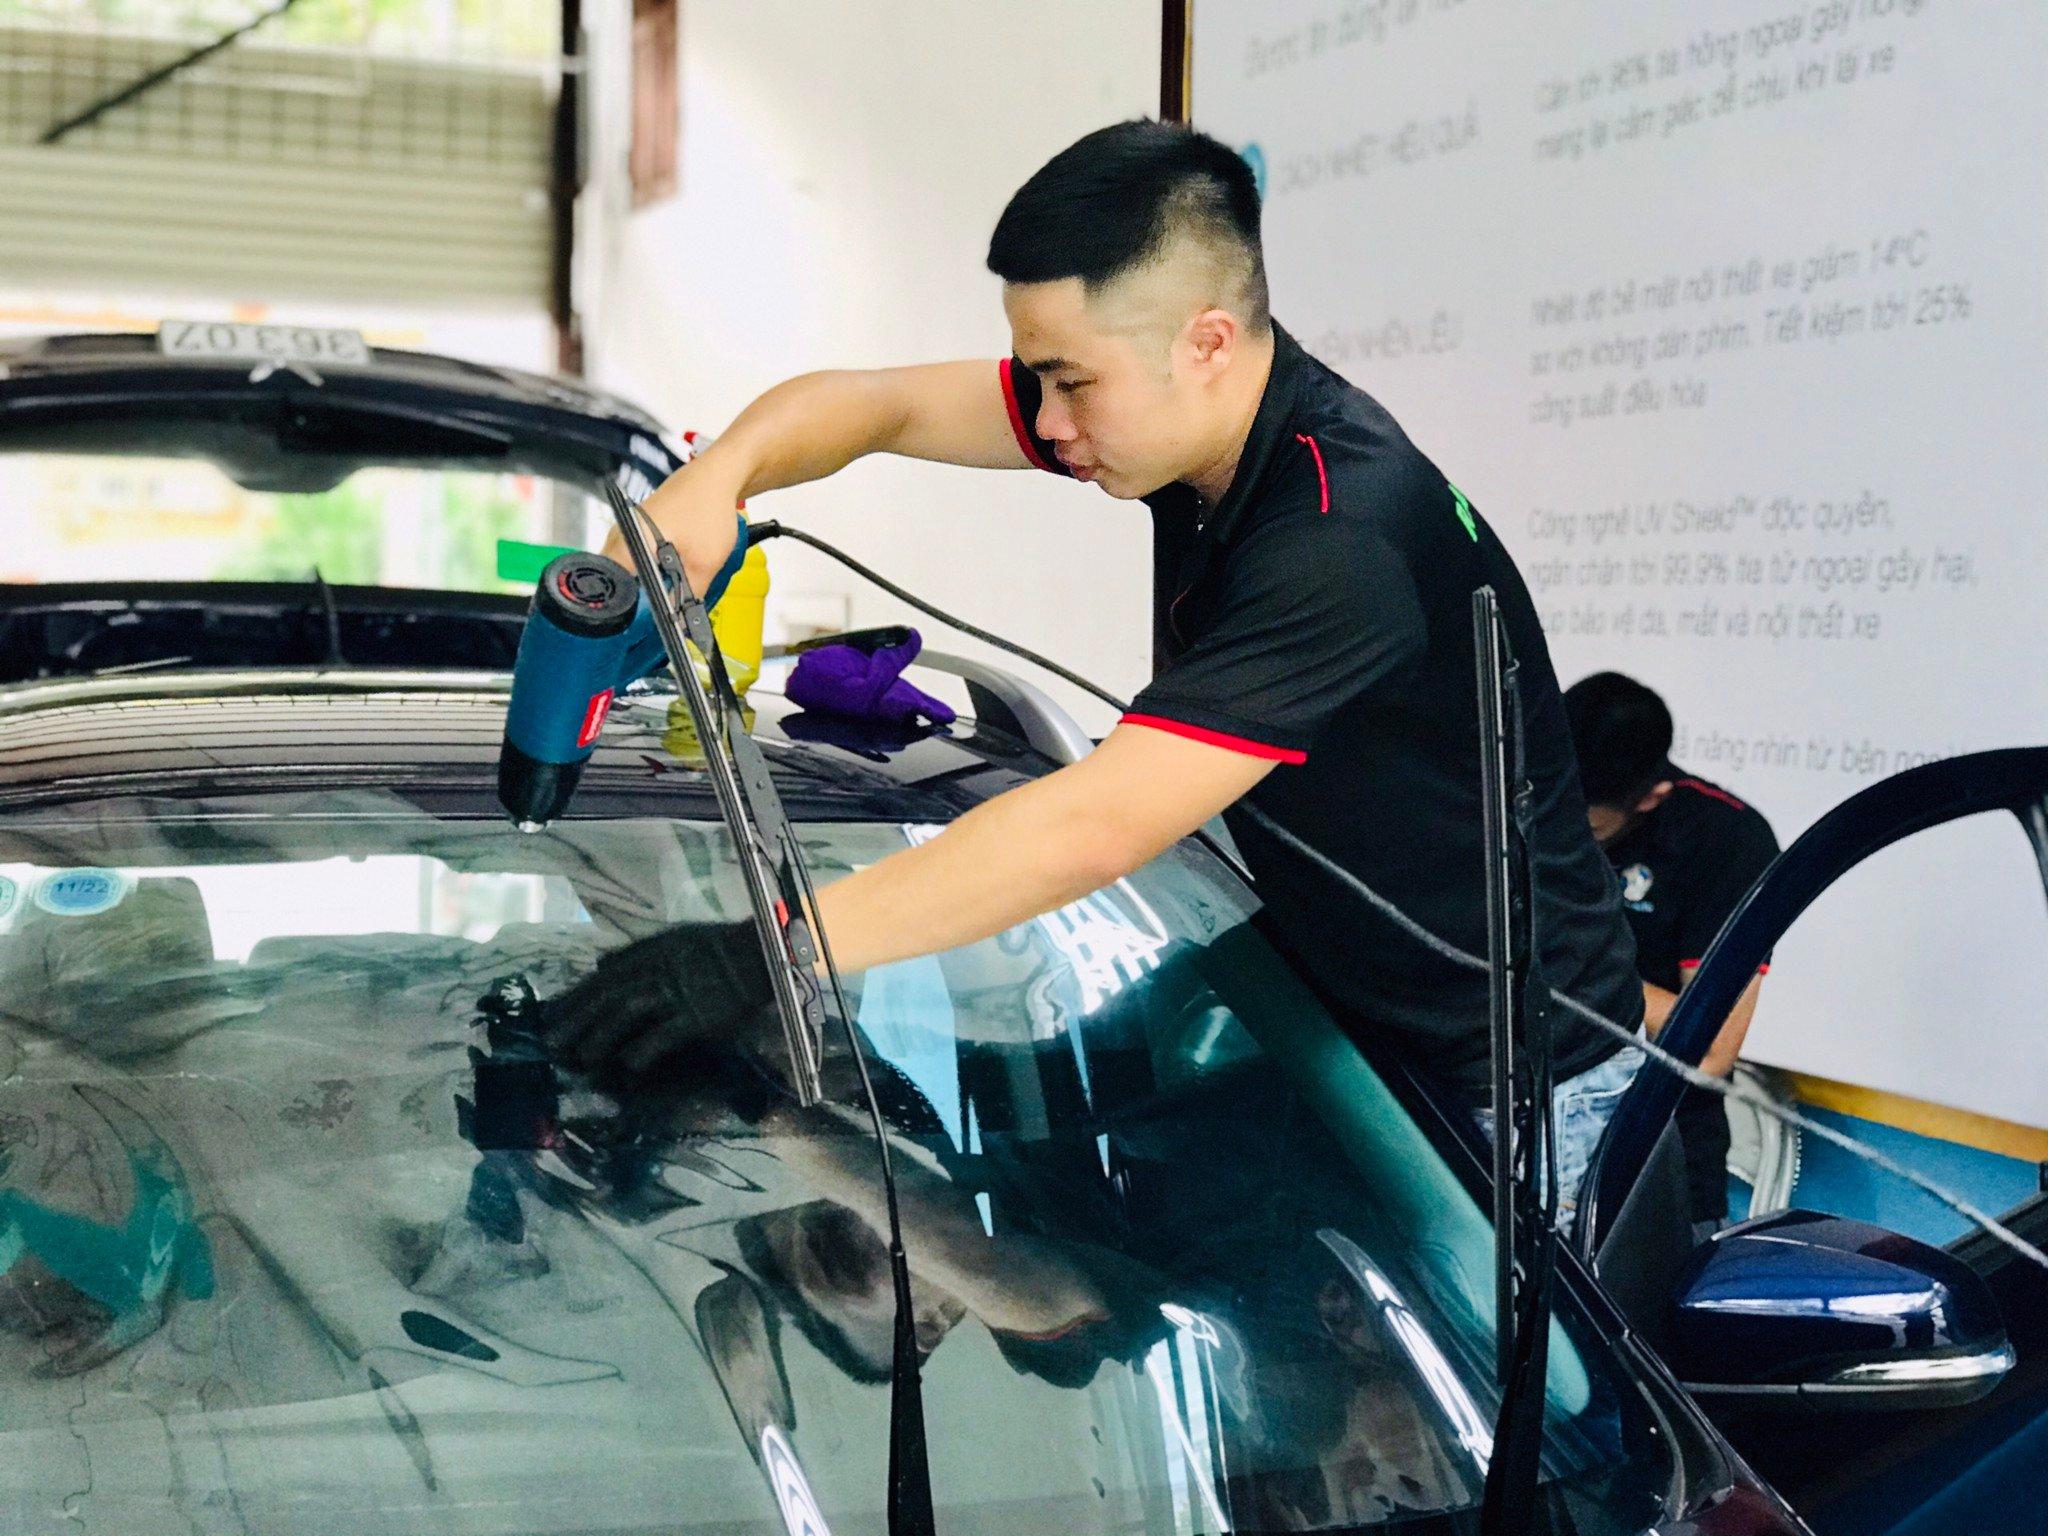 Địa điểm dán kính cách nhiệt chính hãng uy tín ở Hà Nội